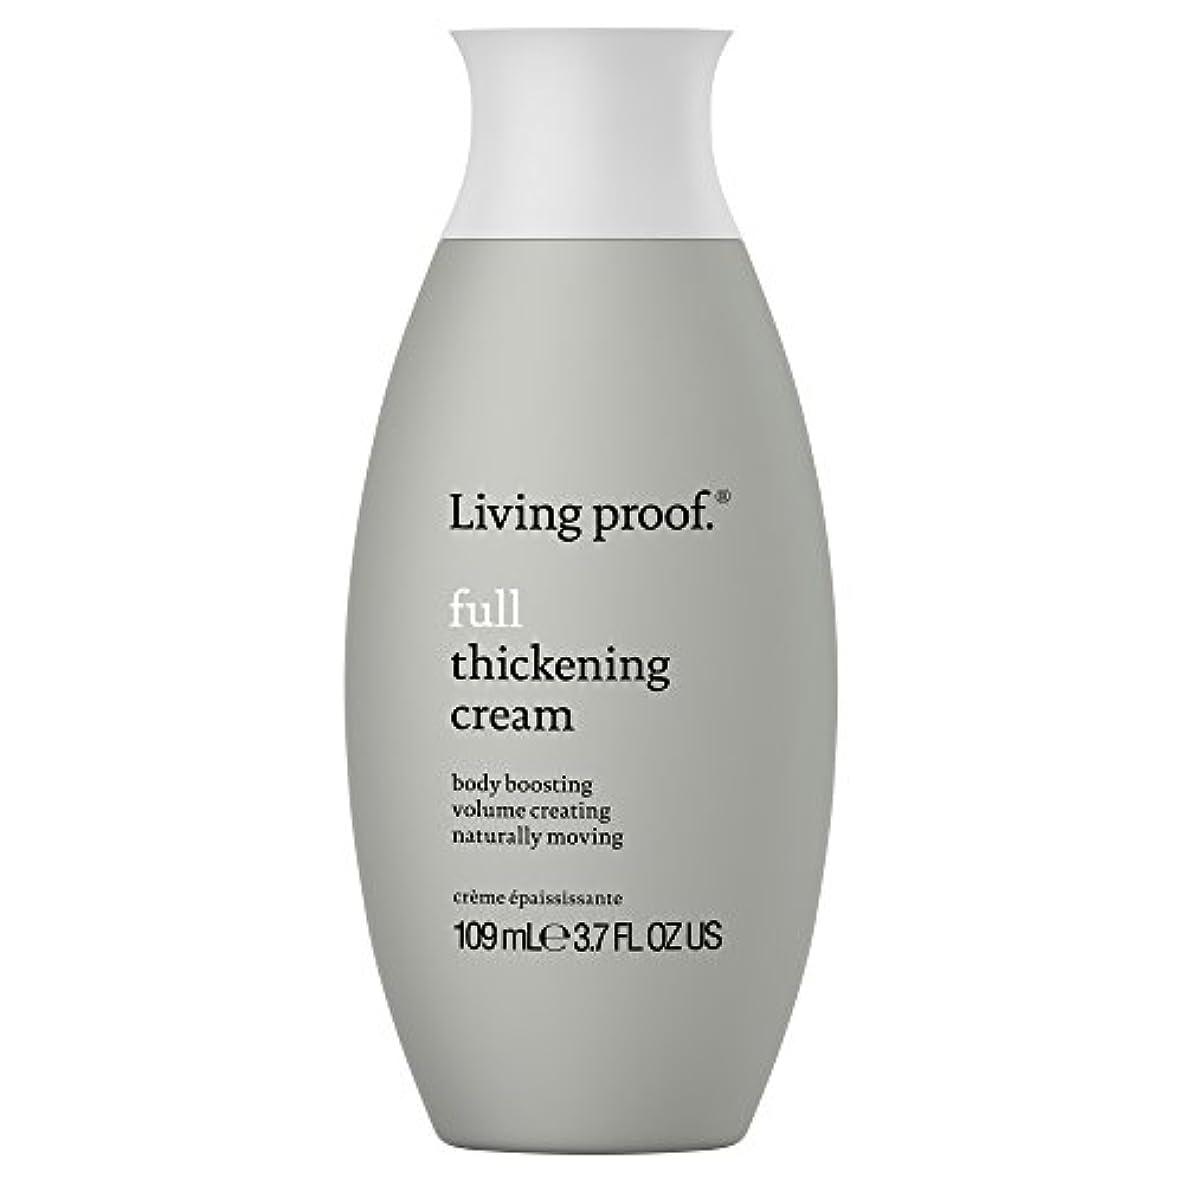 居住者バクテリアなぜなら生きている証拠フル肥厚クリーム109ミリリットル (Living Proof) - Living Proof Full Thickening Cream 109ml [並行輸入品]